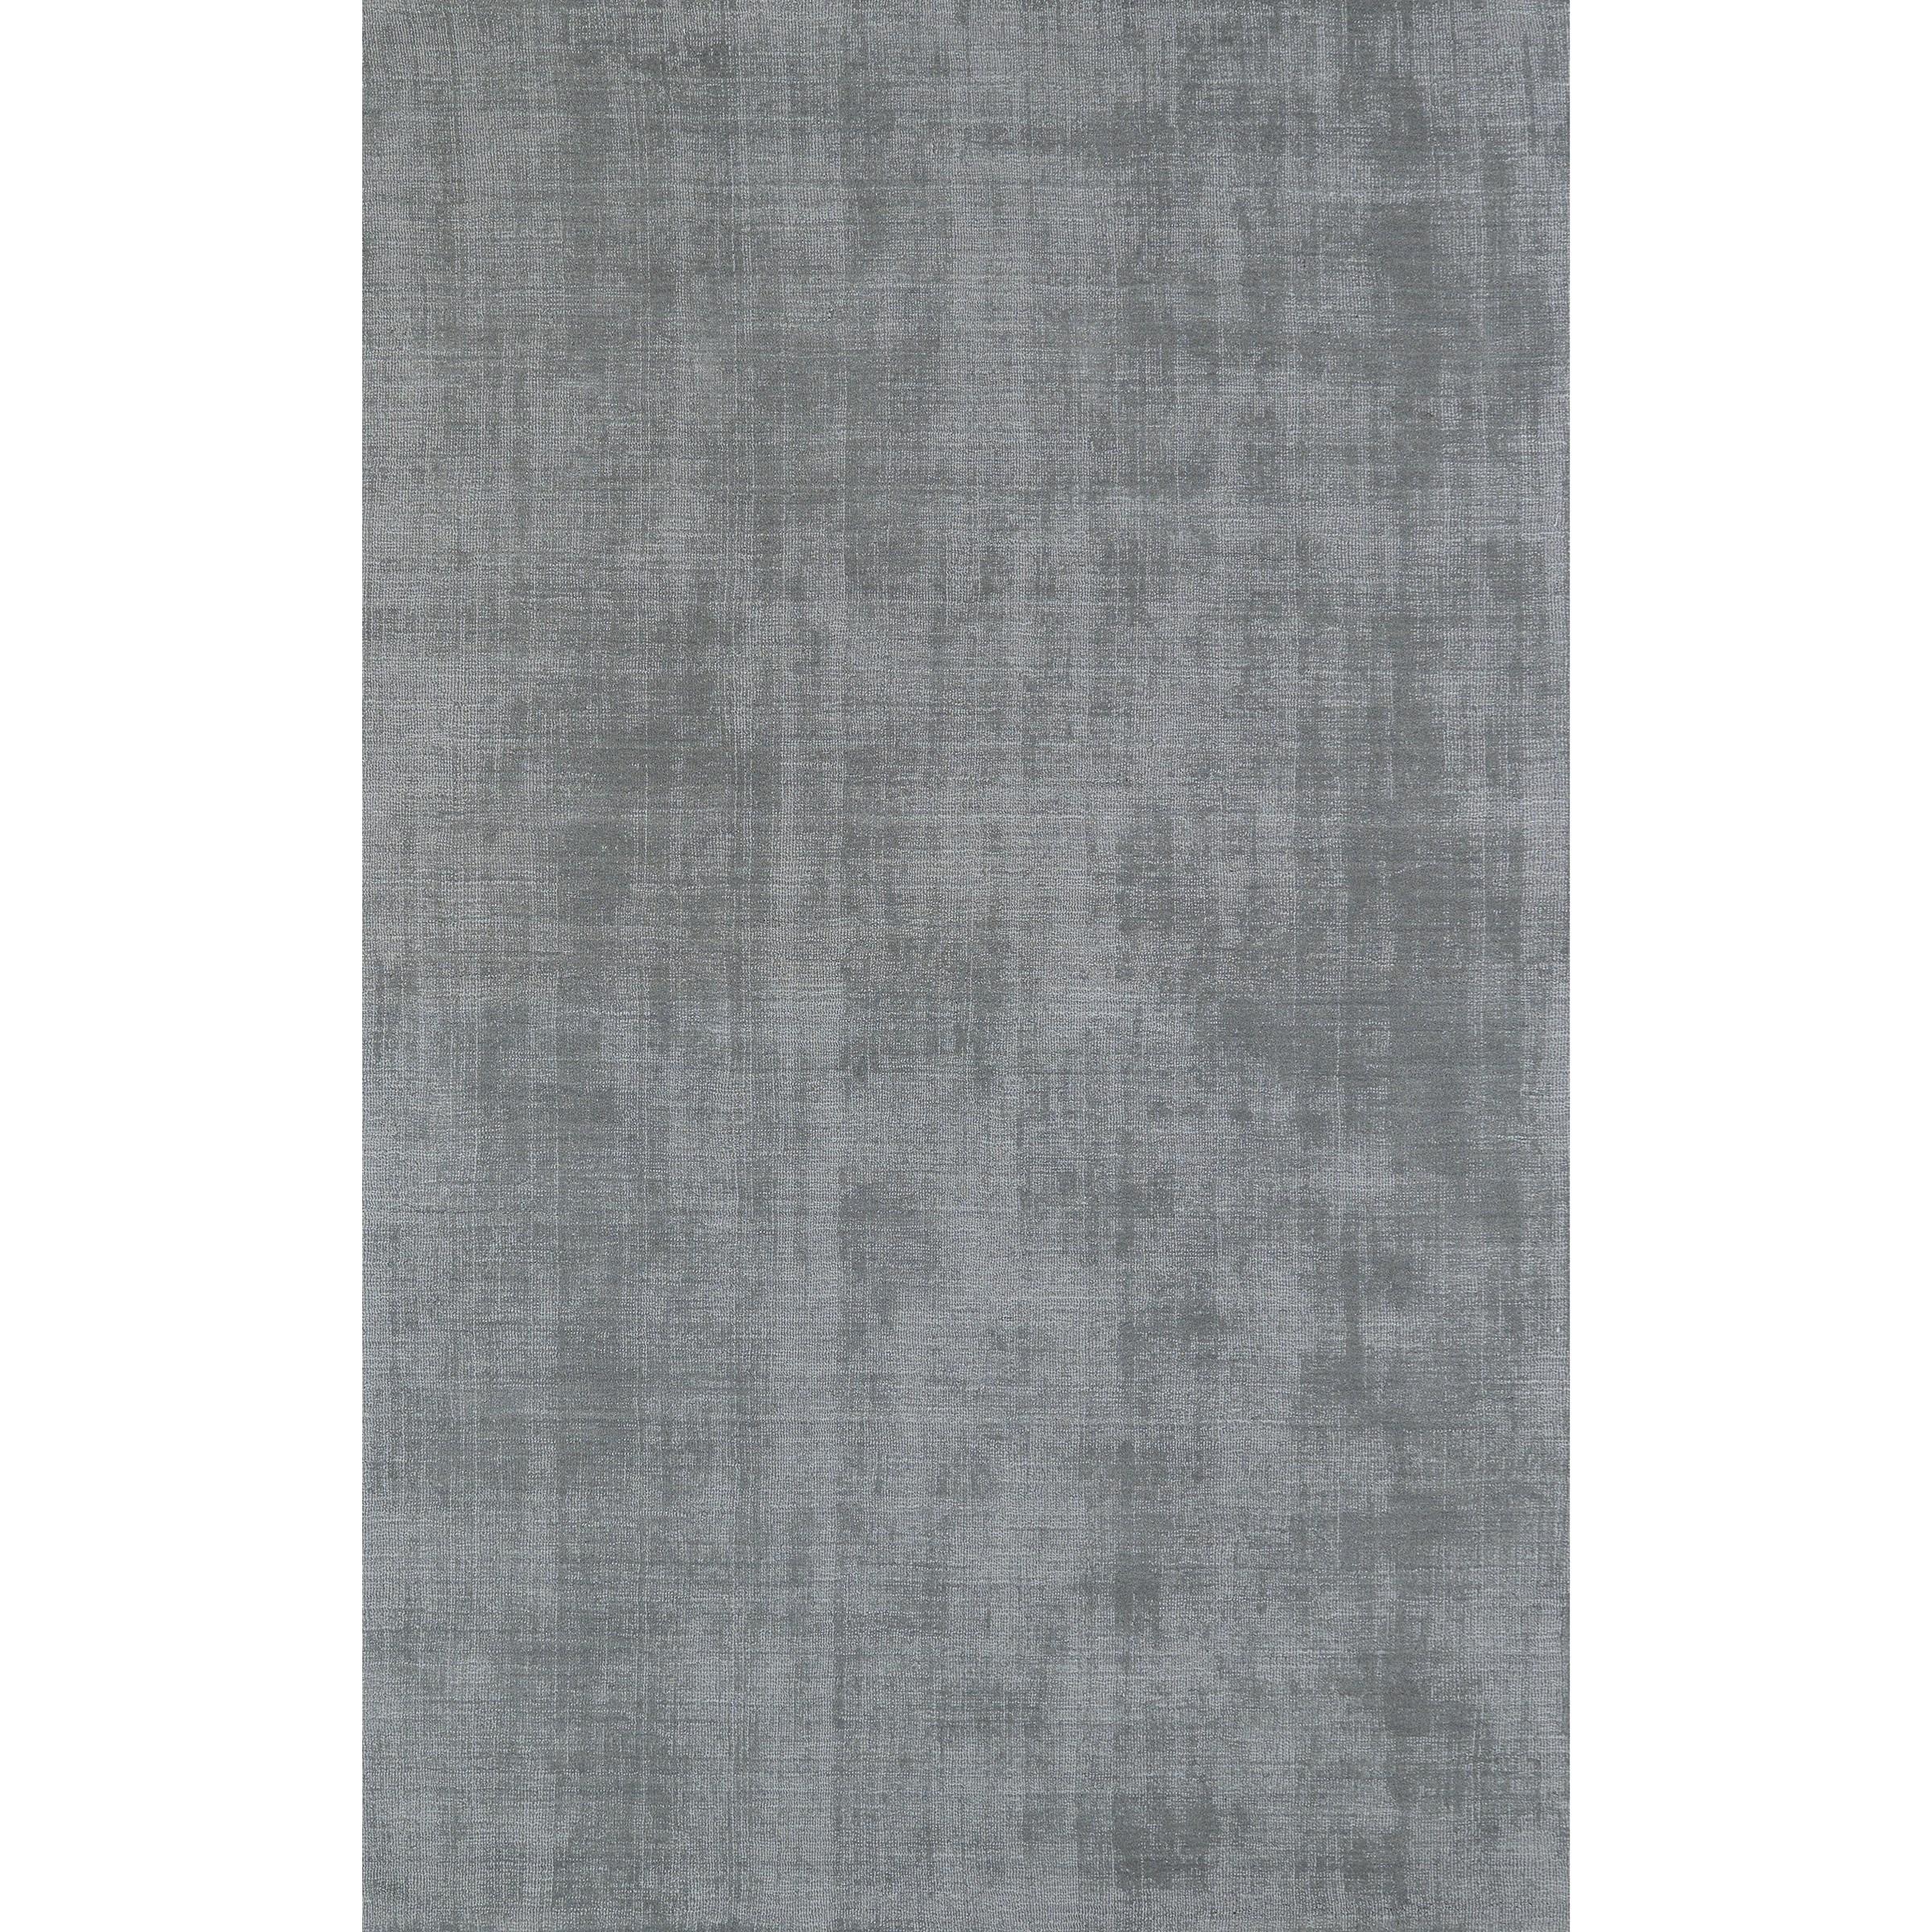 Silver 9'X13' Rug